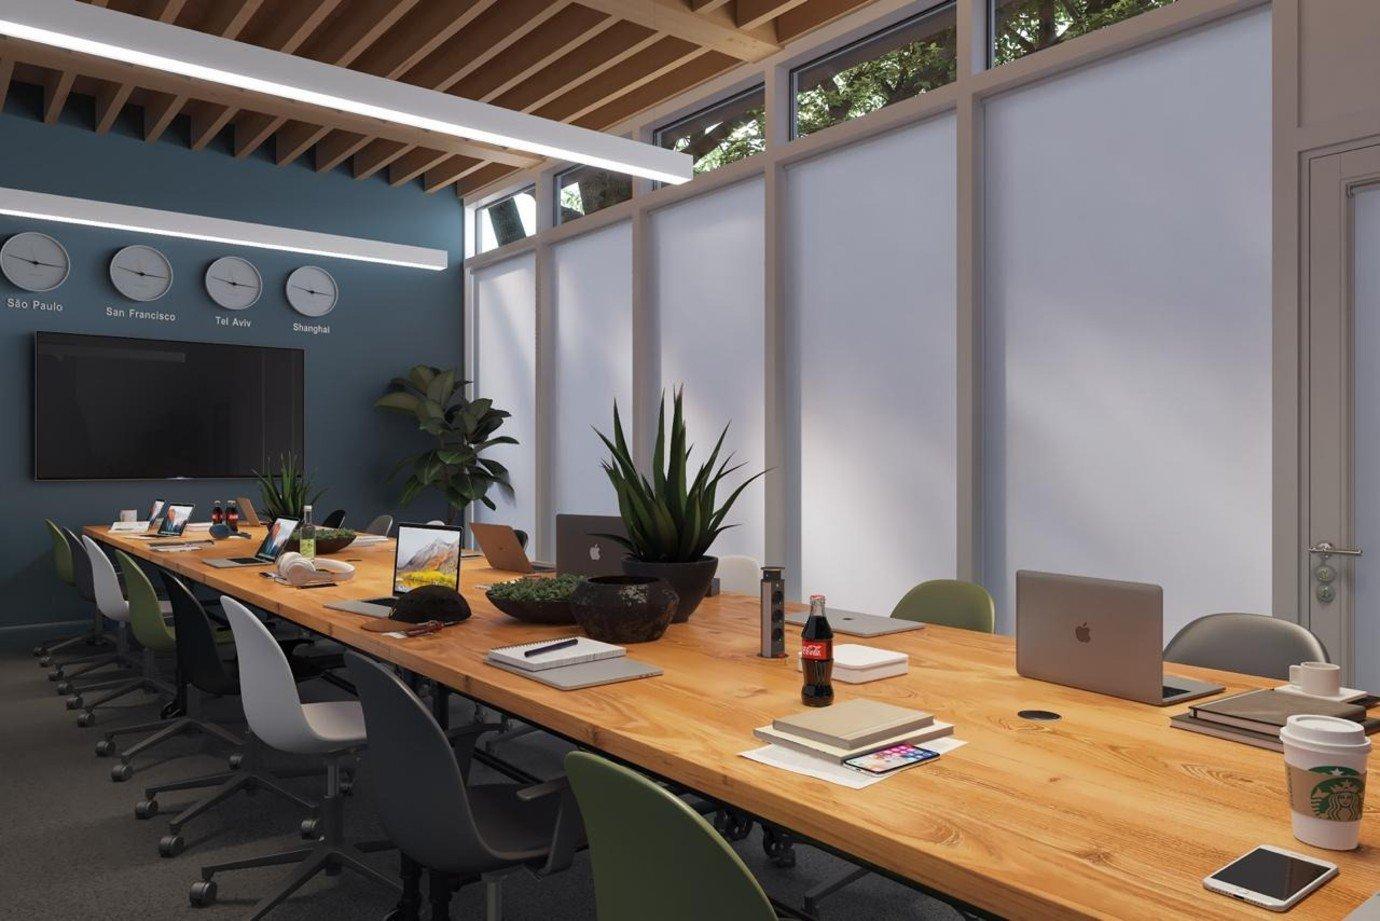 Projeto da centro de inteligência artificial da Olivia, em Palo Alto (Vale do Silício, Estados Unidos)